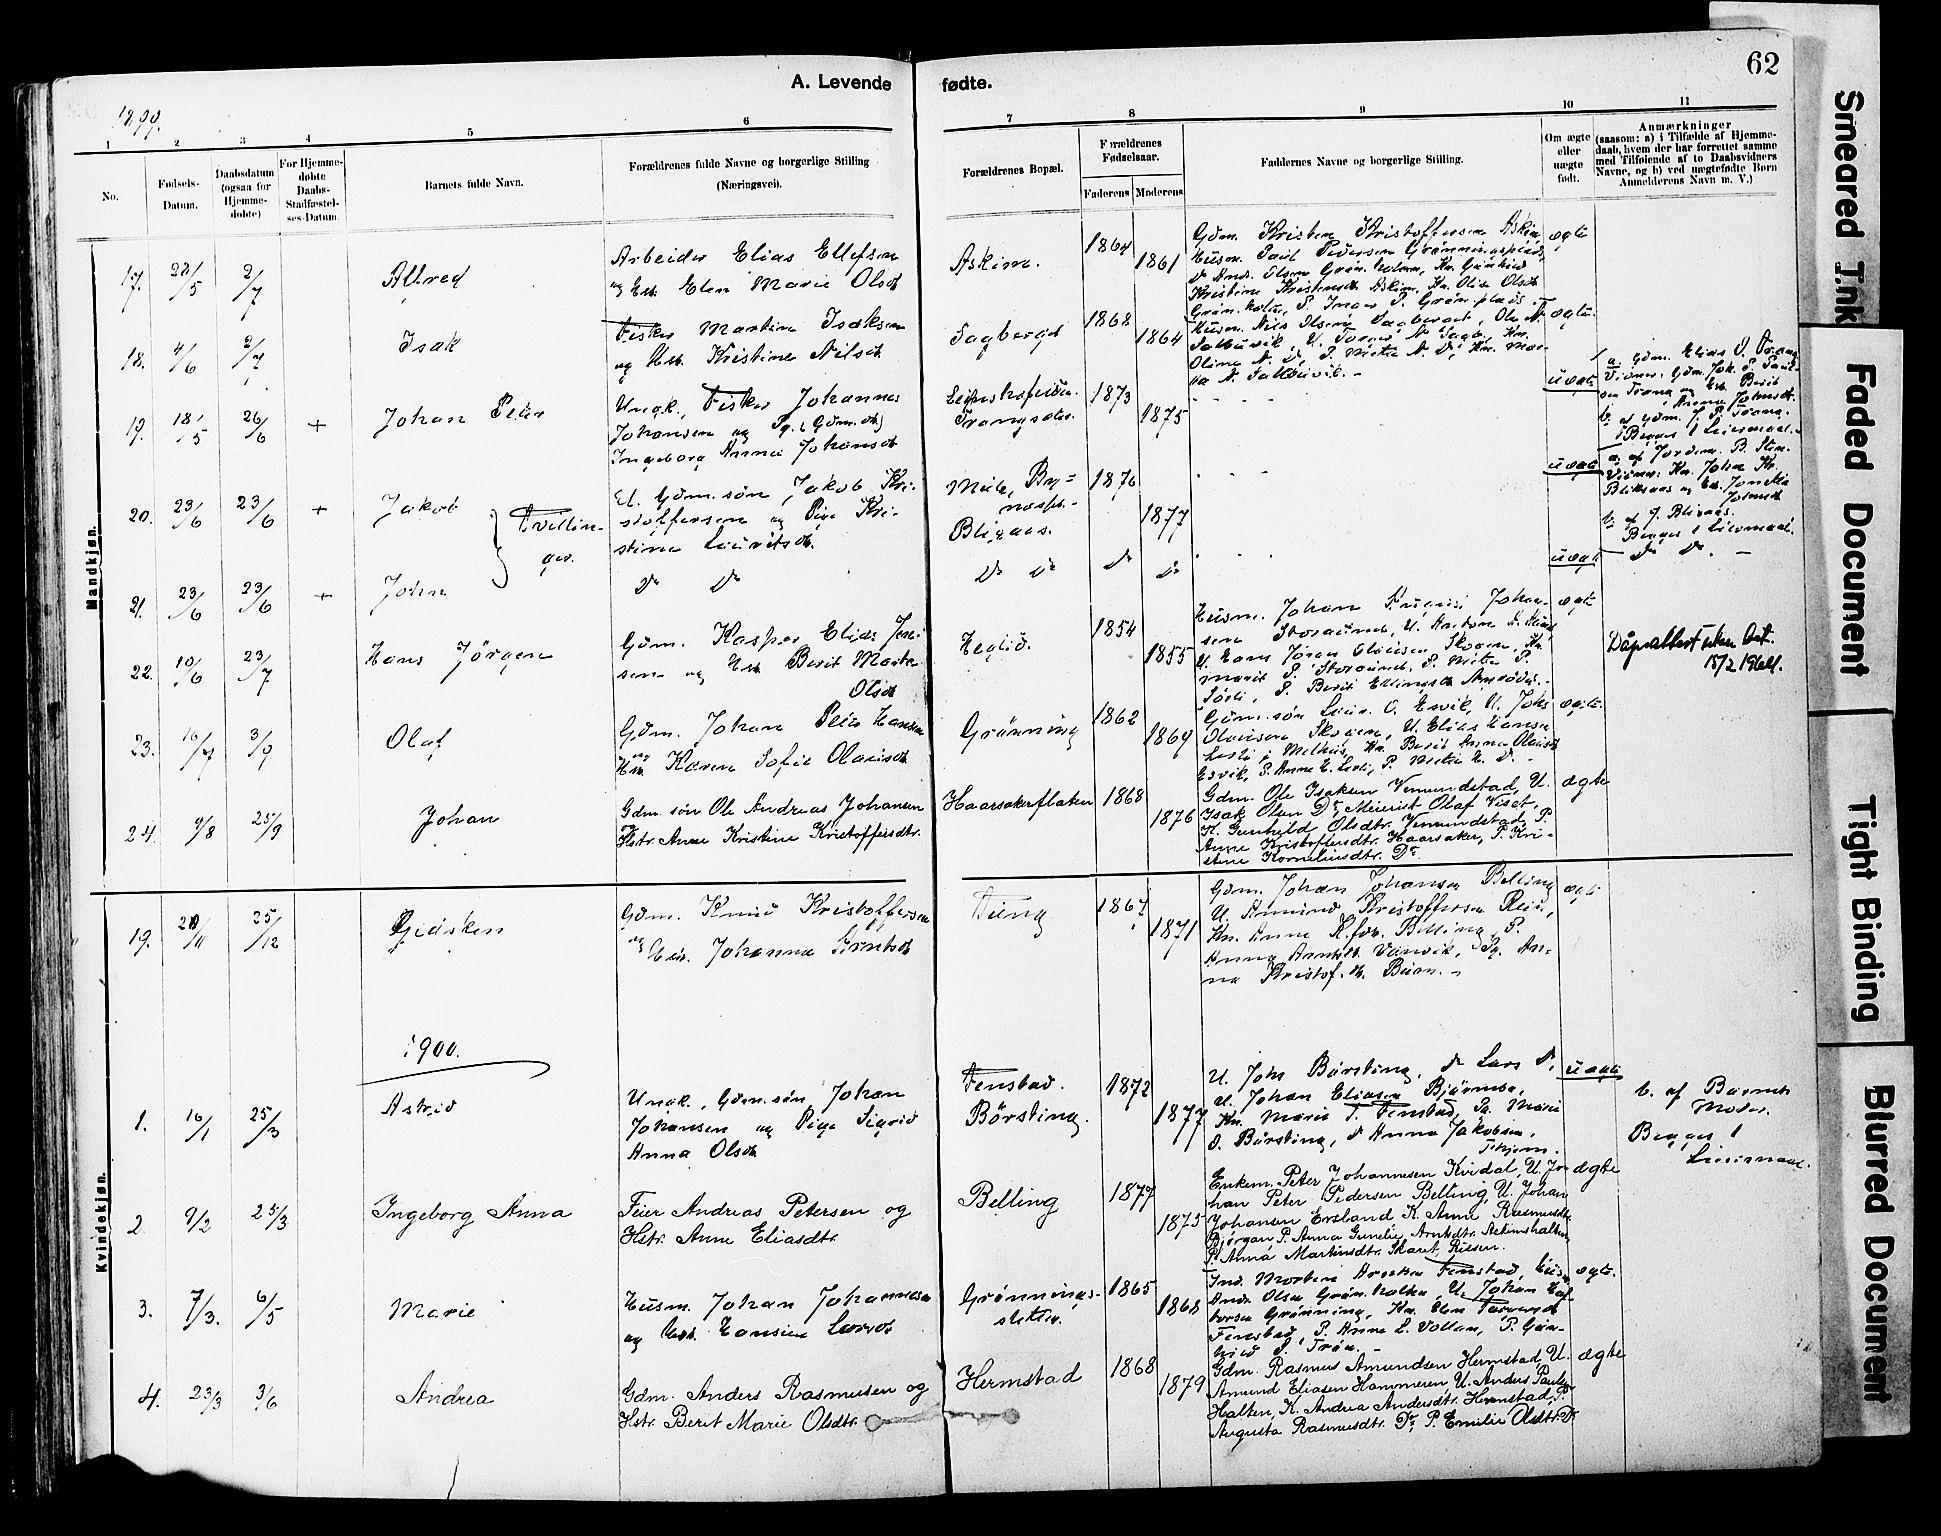 SAT, Ministerialprotokoller, klokkerbøker og fødselsregistre - Sør-Trøndelag, 646/L0615: Ministerialbok nr. 646A13, 1885-1900, s. 62